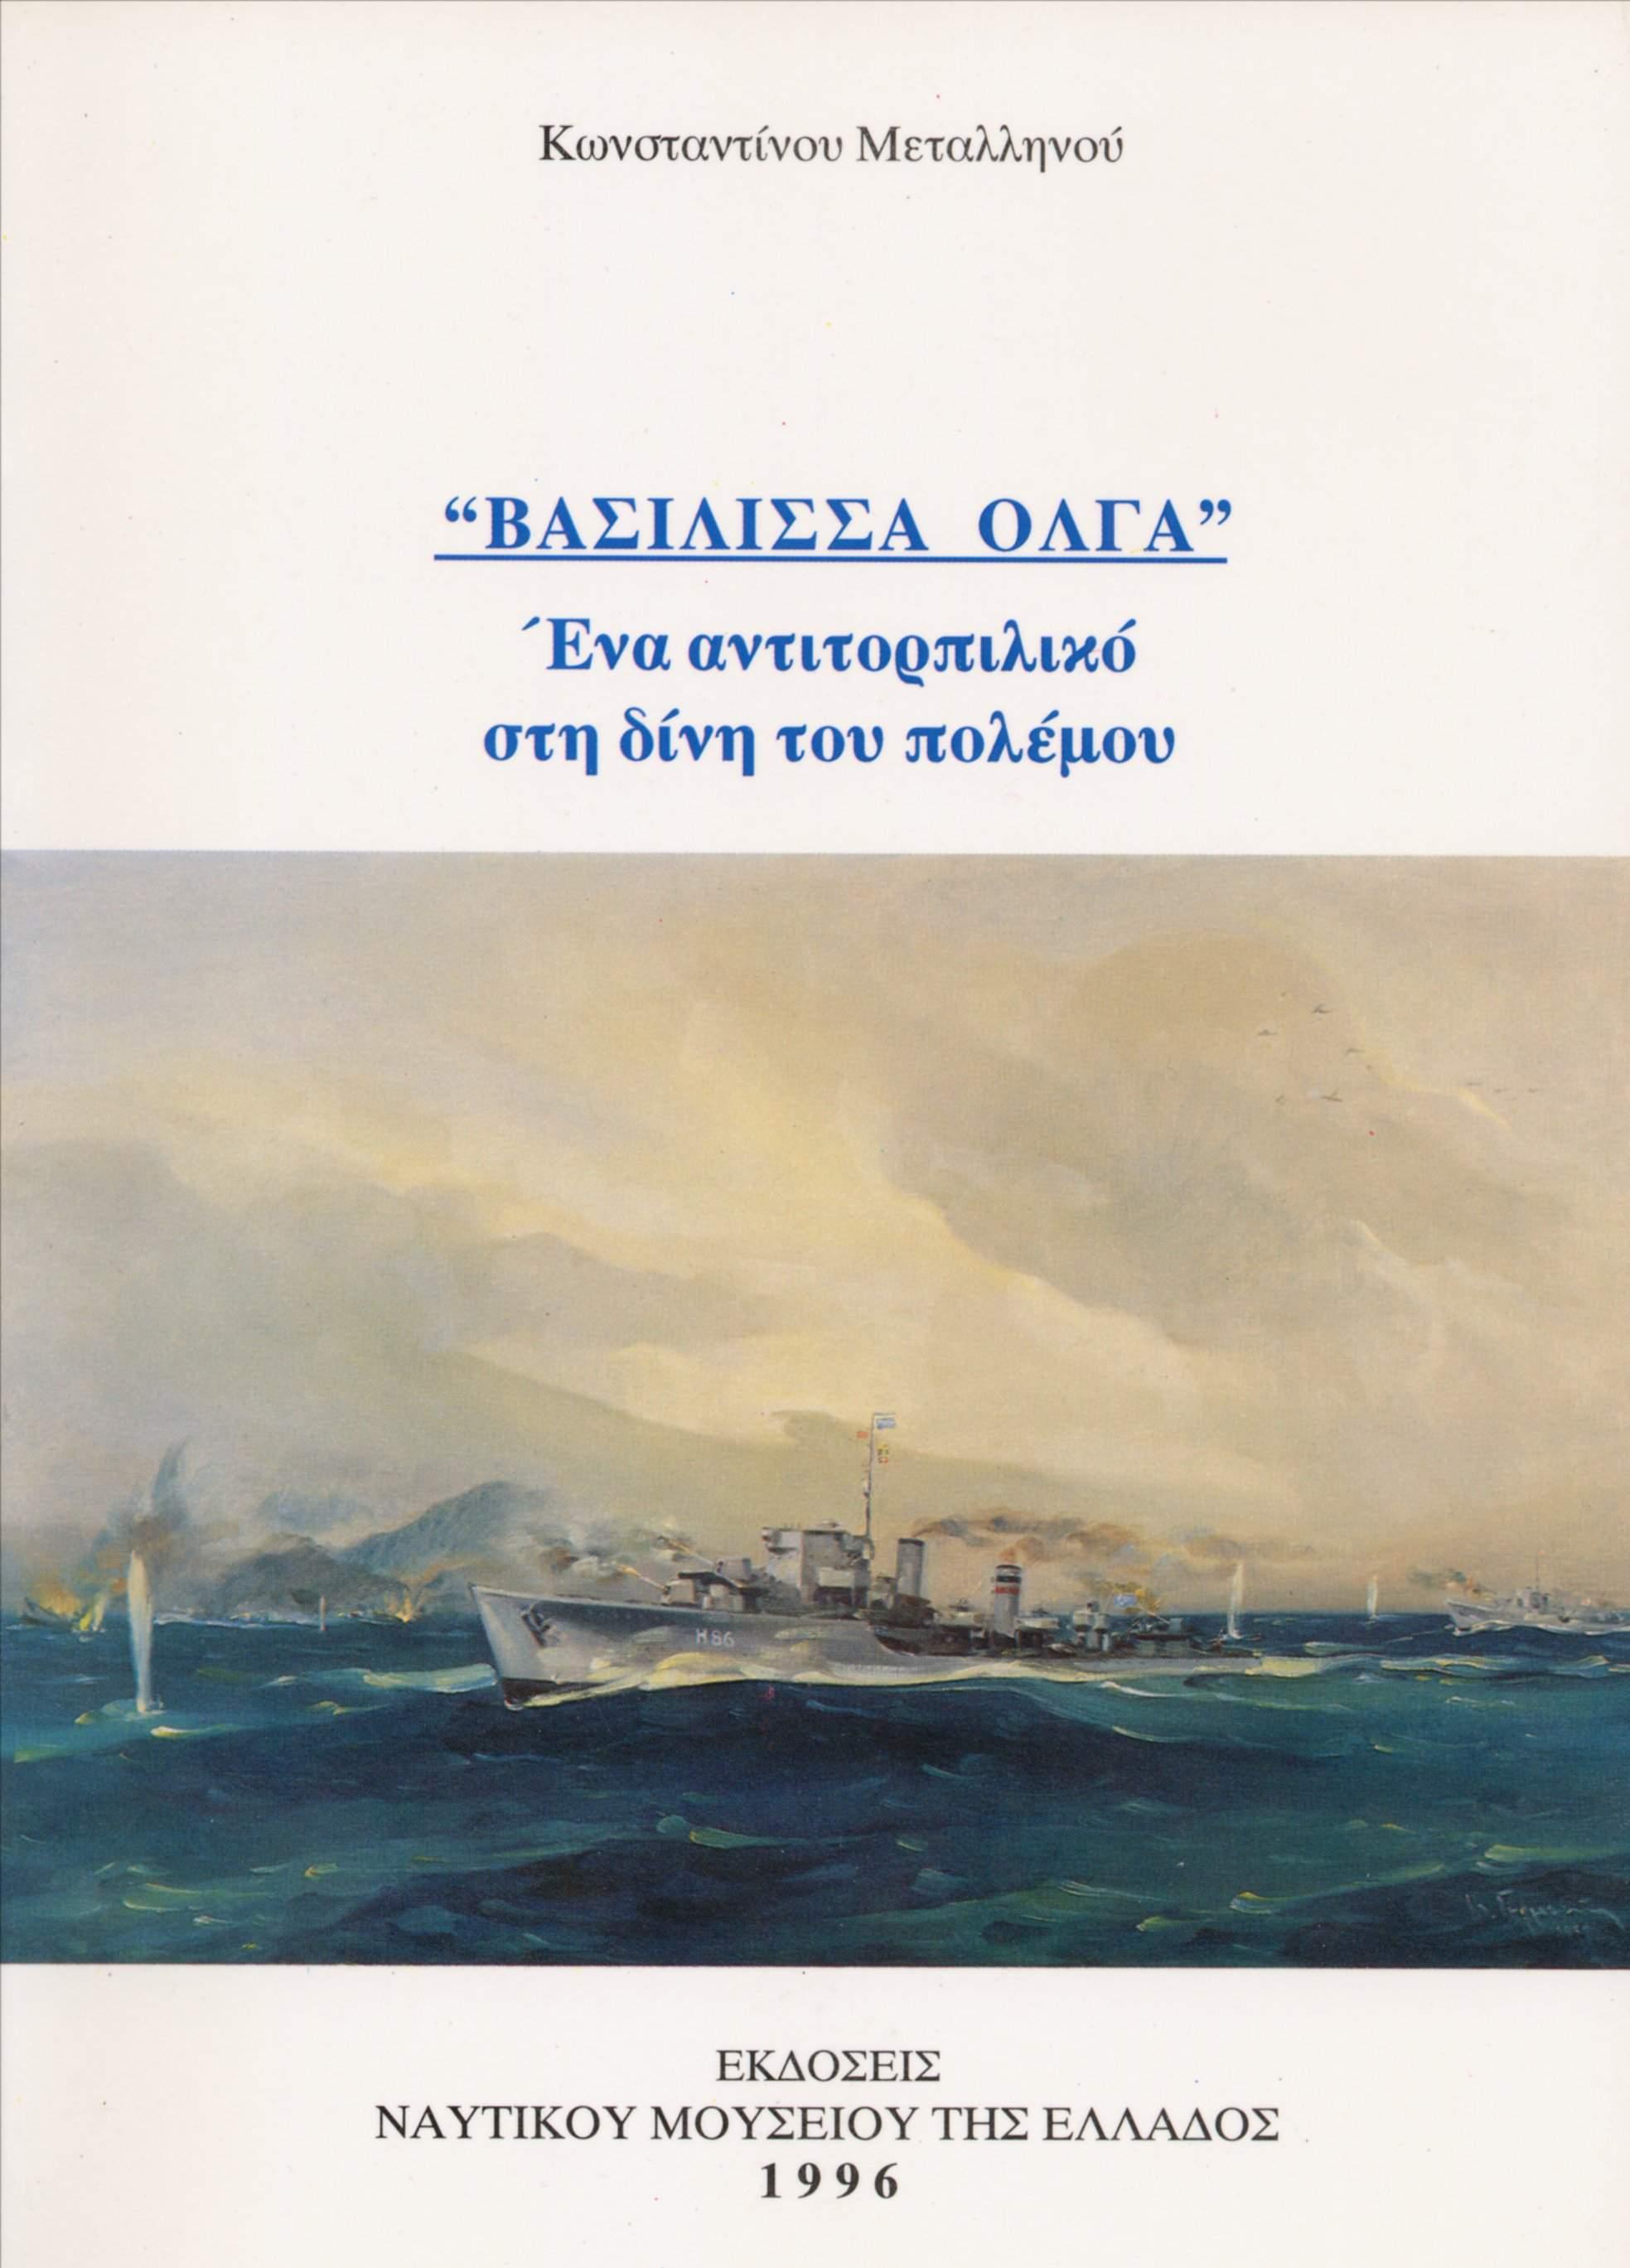 Βασίλισσα Όλγα, ένα αντιτορπιλικό στη δίνη του πολέμου